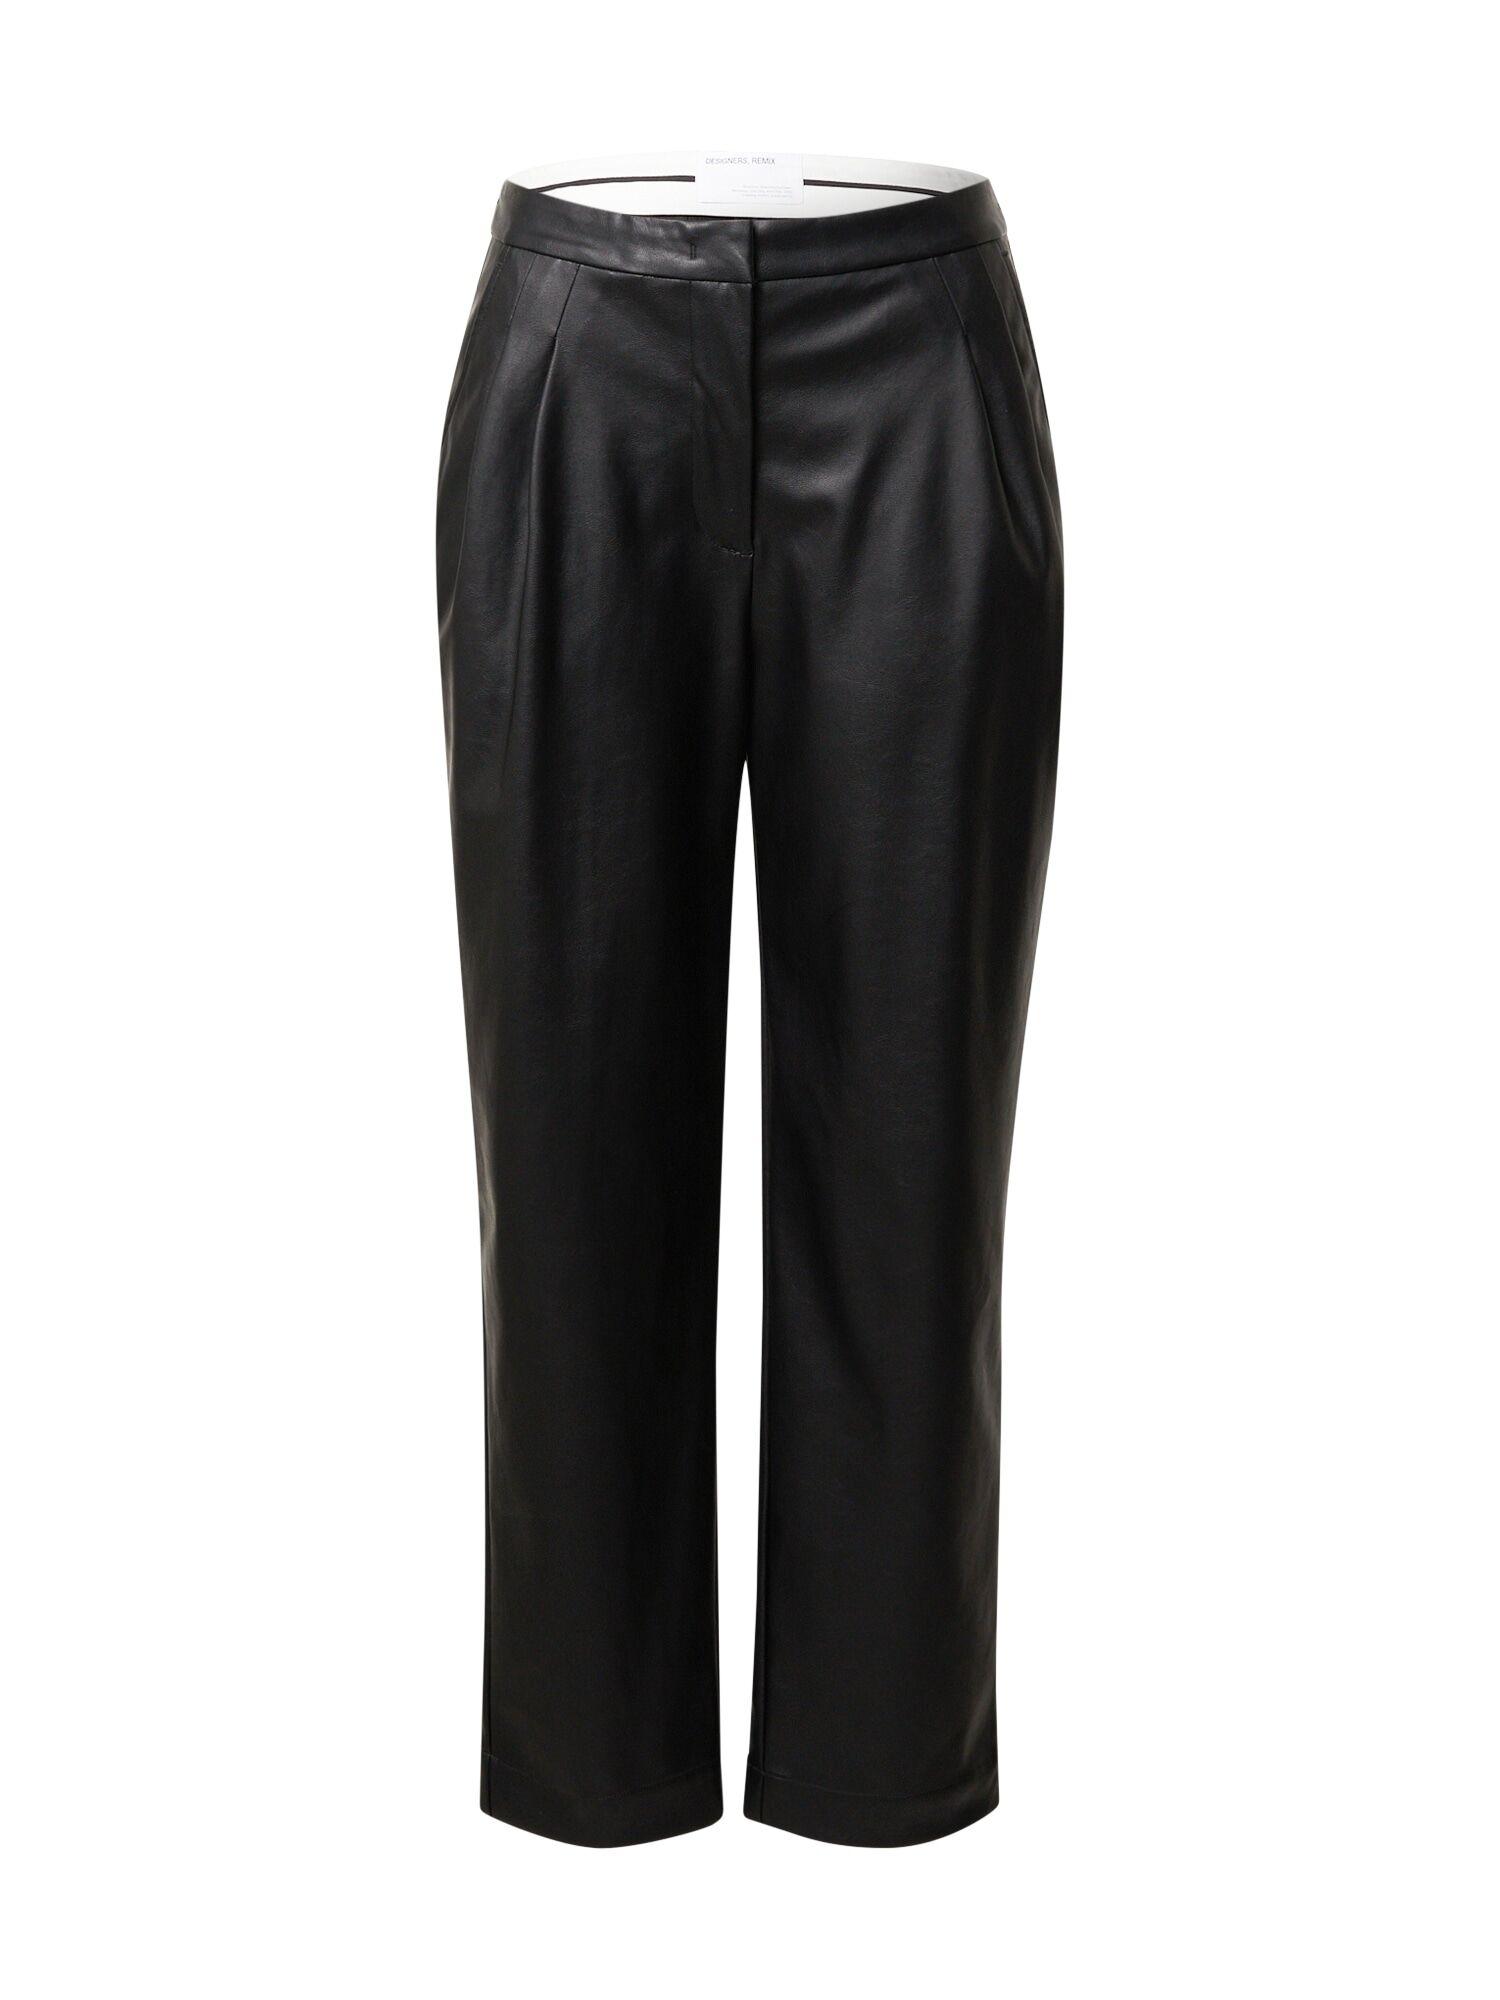 Designers Remix Pantalon à pince 'Marie'  - Noir - Taille: 40 - female